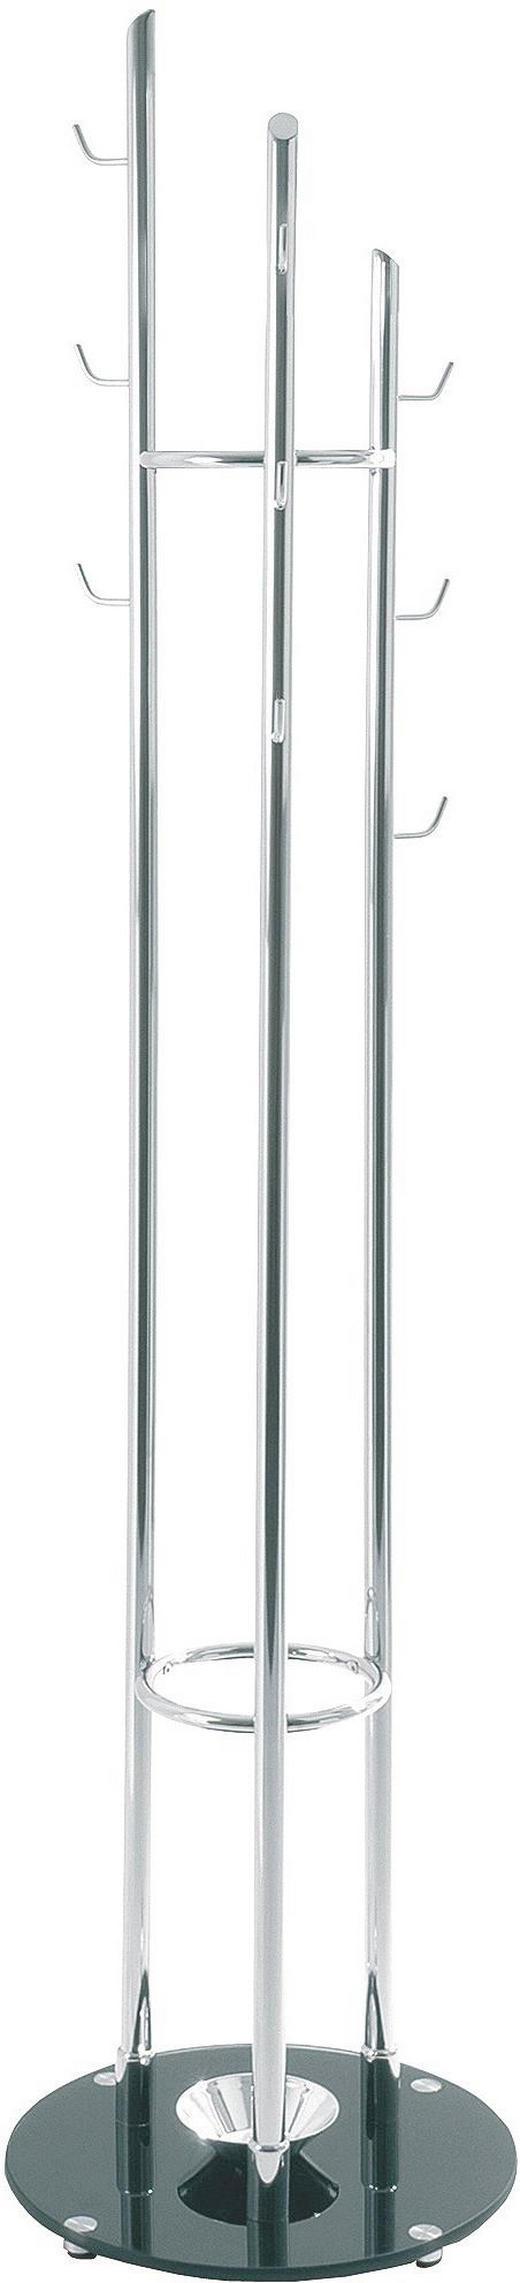 ŠATNÍ STOJAN - černá/barvy chromu, Design, kov/sklo (40/183cm)